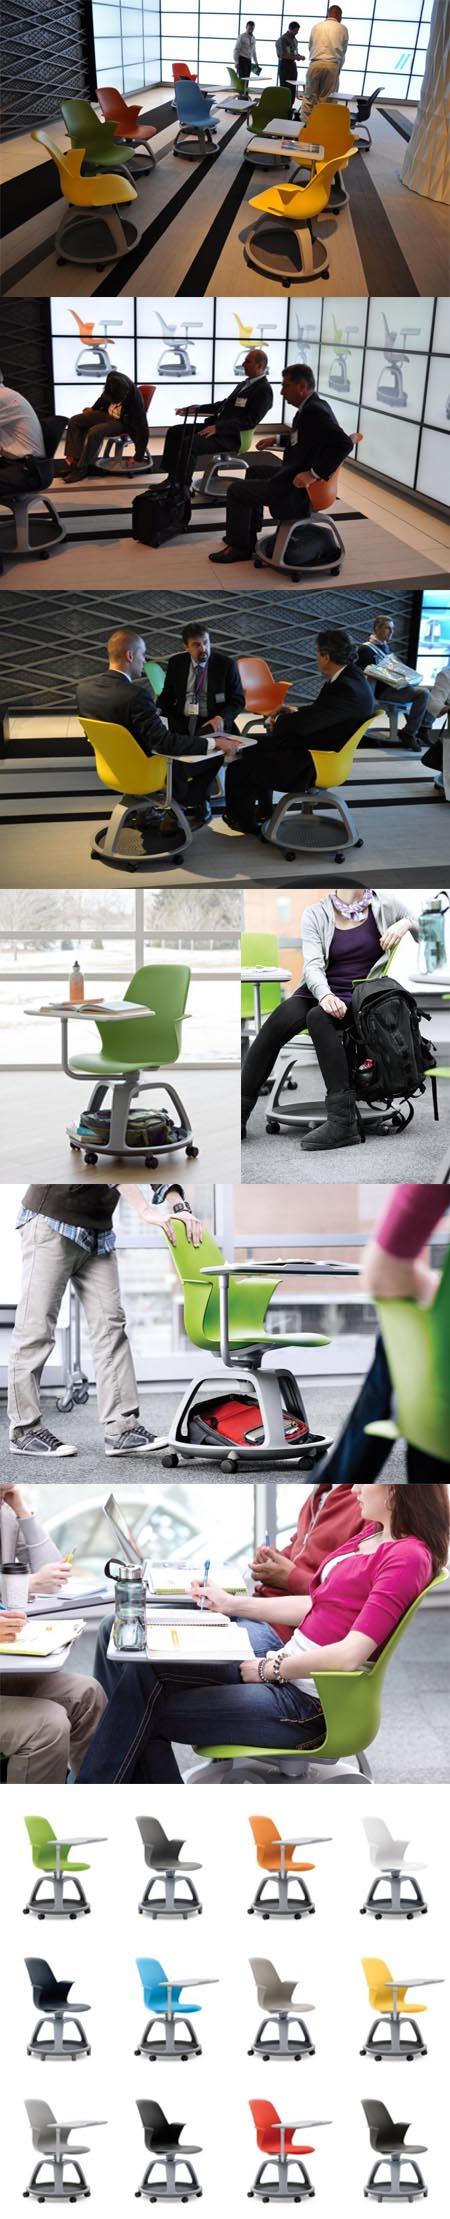 node-chair-steelcase-design